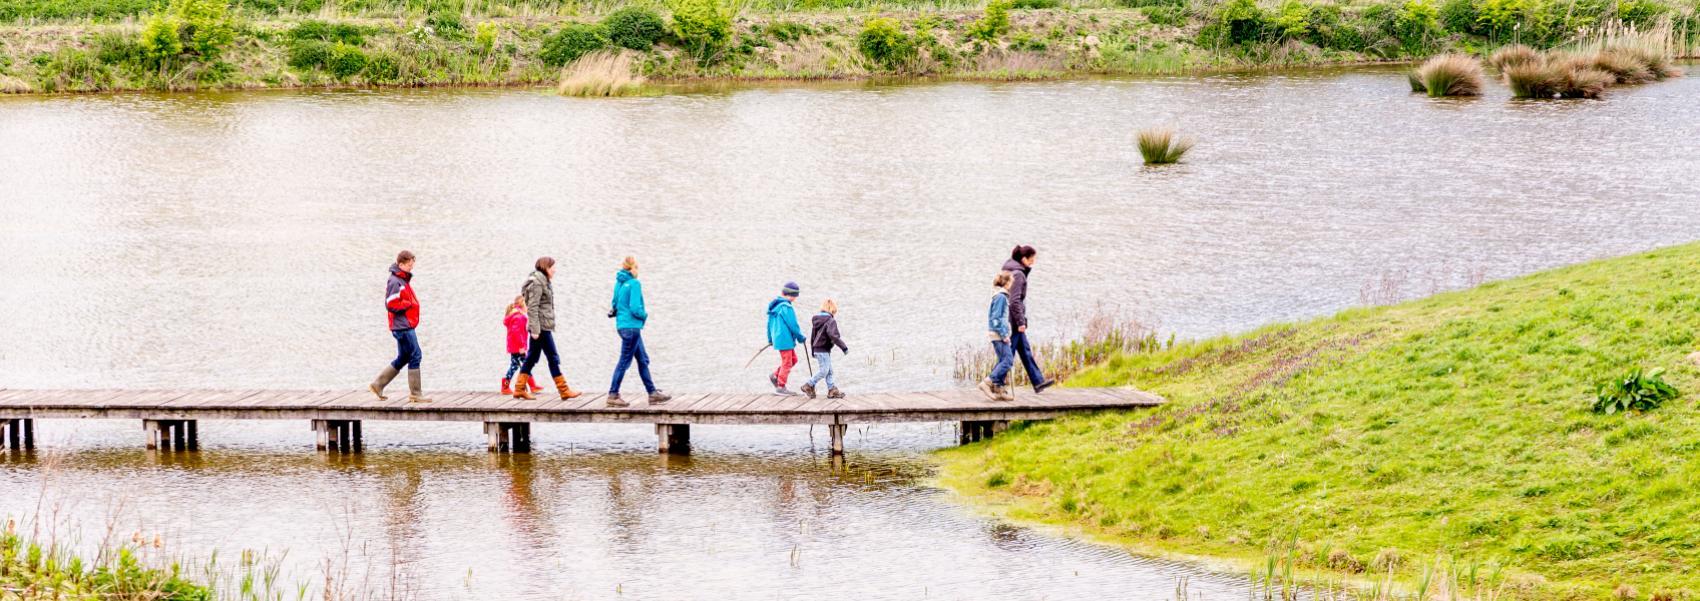 groep mensen wandelend op het vlonderpad